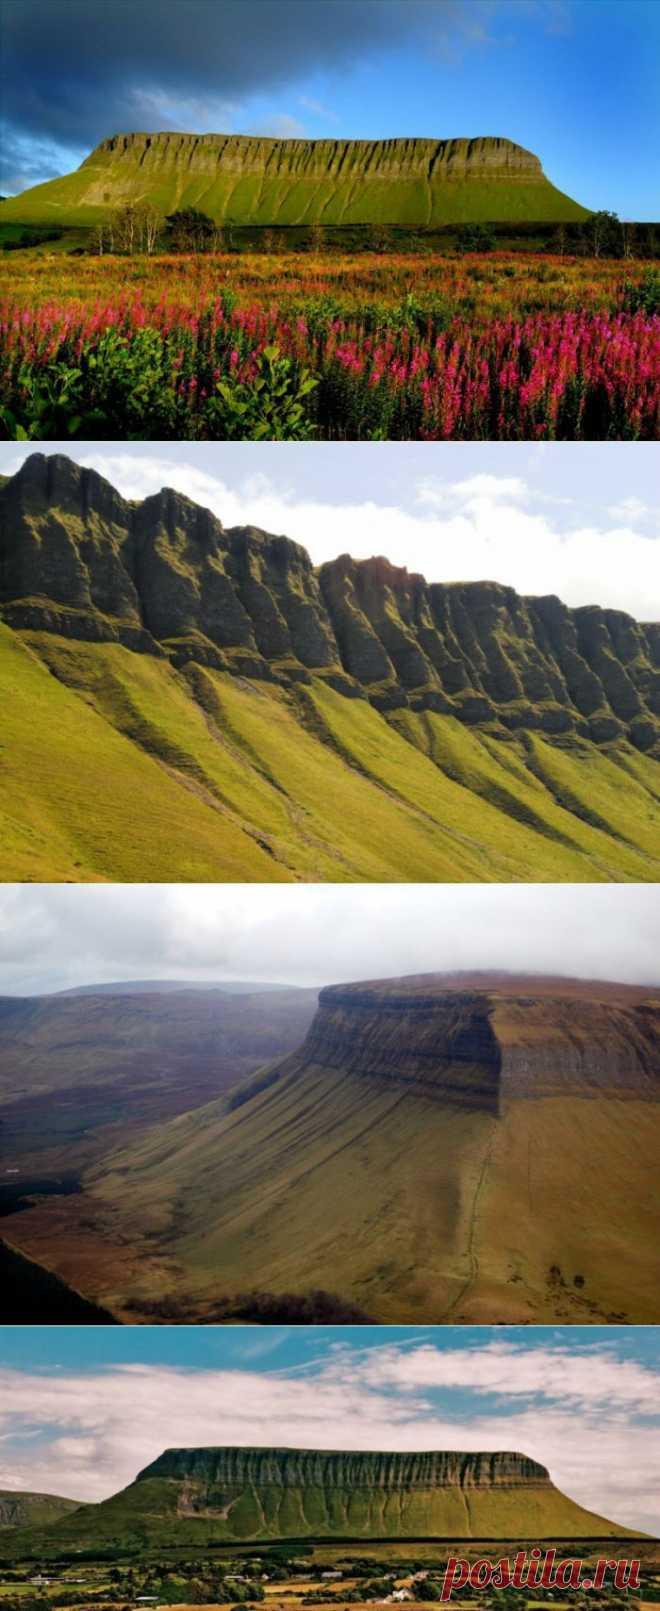 гора Бен Балбен (Ben Bulben), что переводится буквально как «челюстеобразный пик». (Ирландия, графство Слайго)